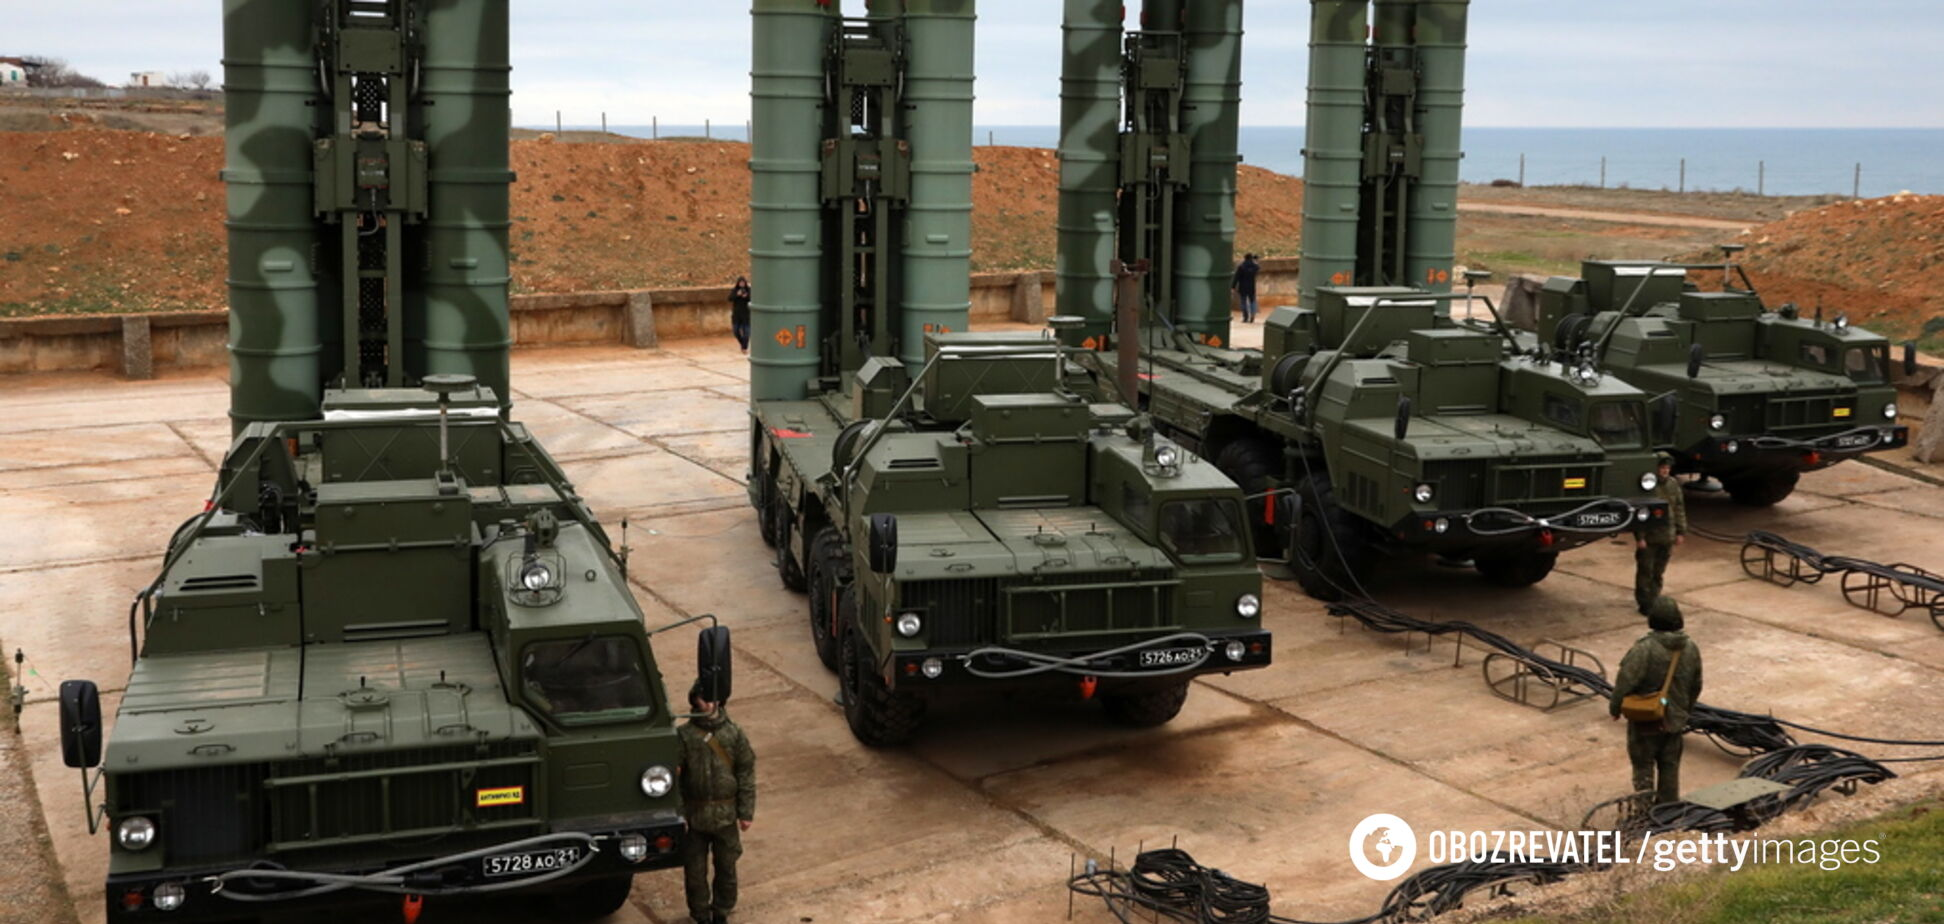 ''Россия готовит ядерную войну в Европе'': Украину предупредили об угрозе